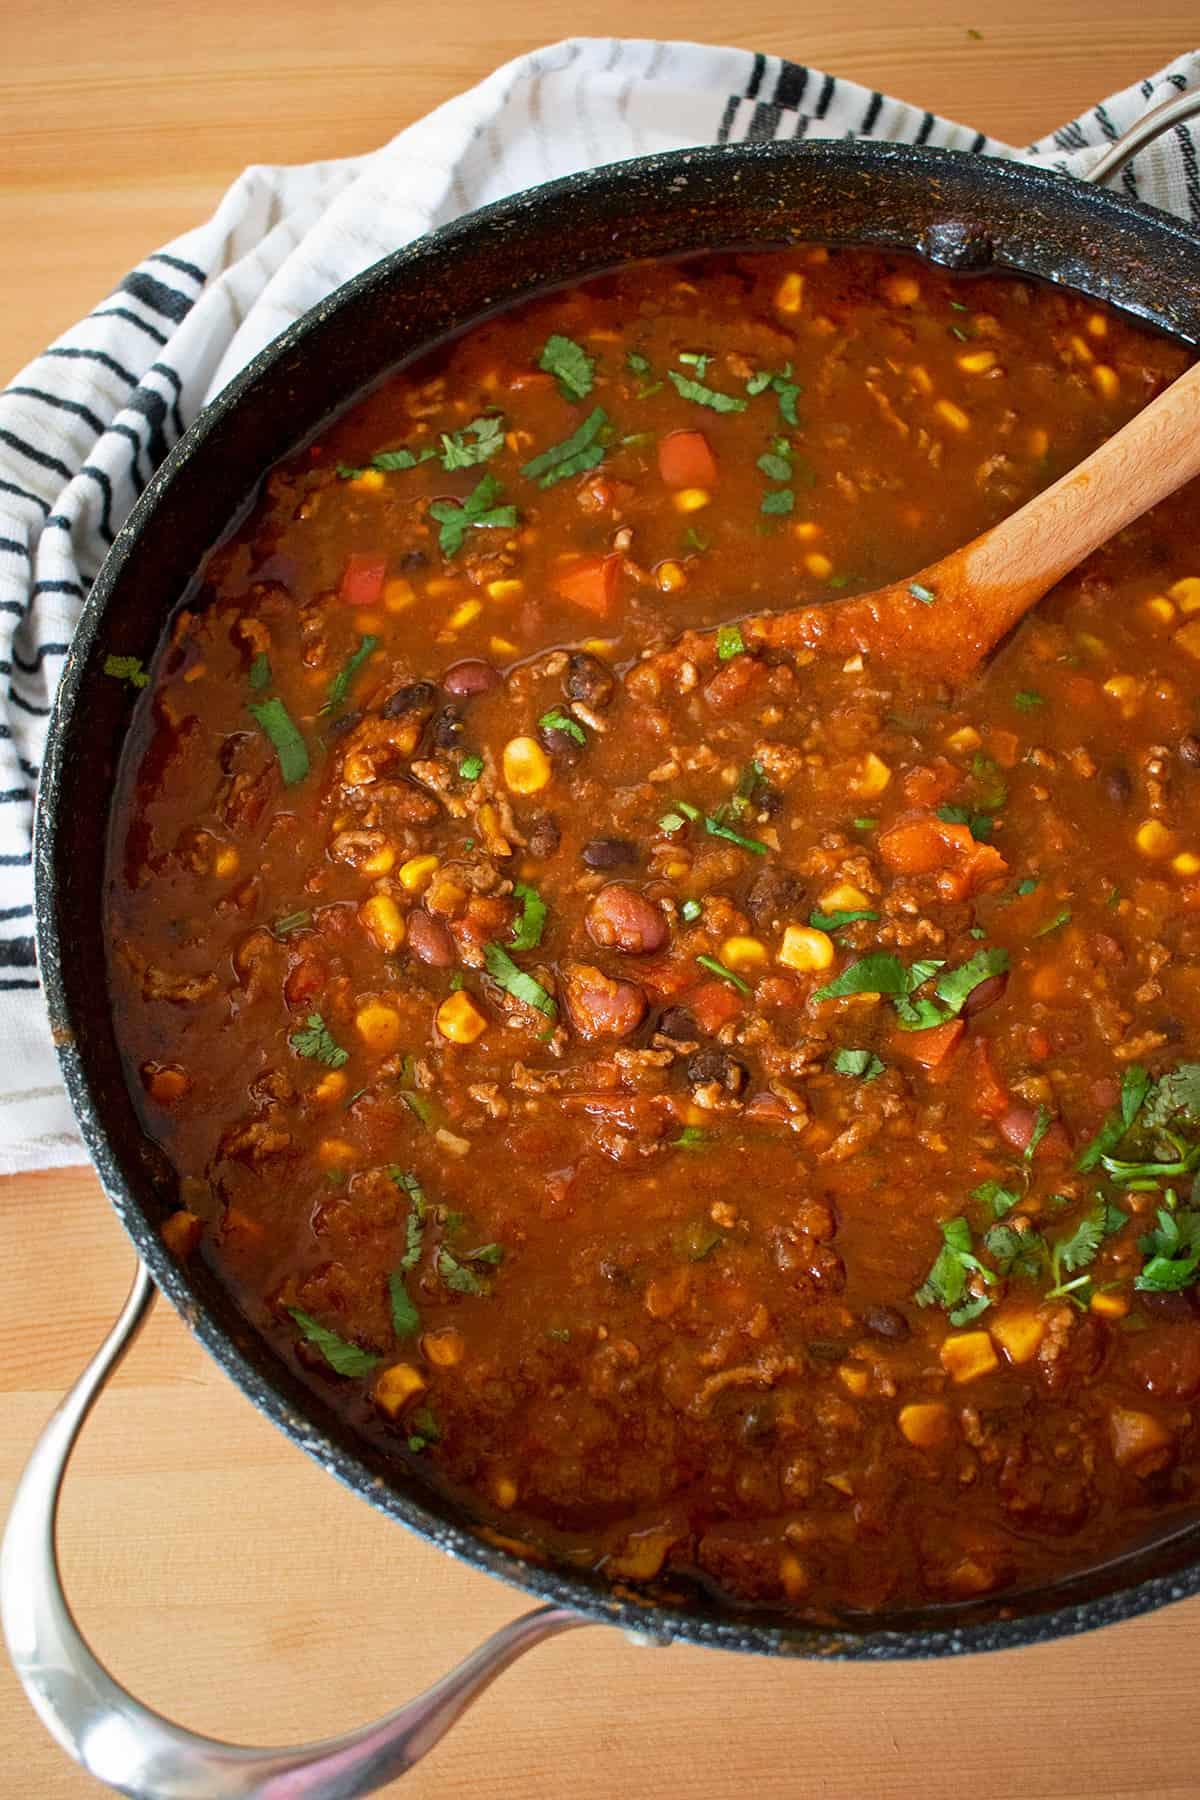 chili con carne casero en una olla grande con una cuchara de madera